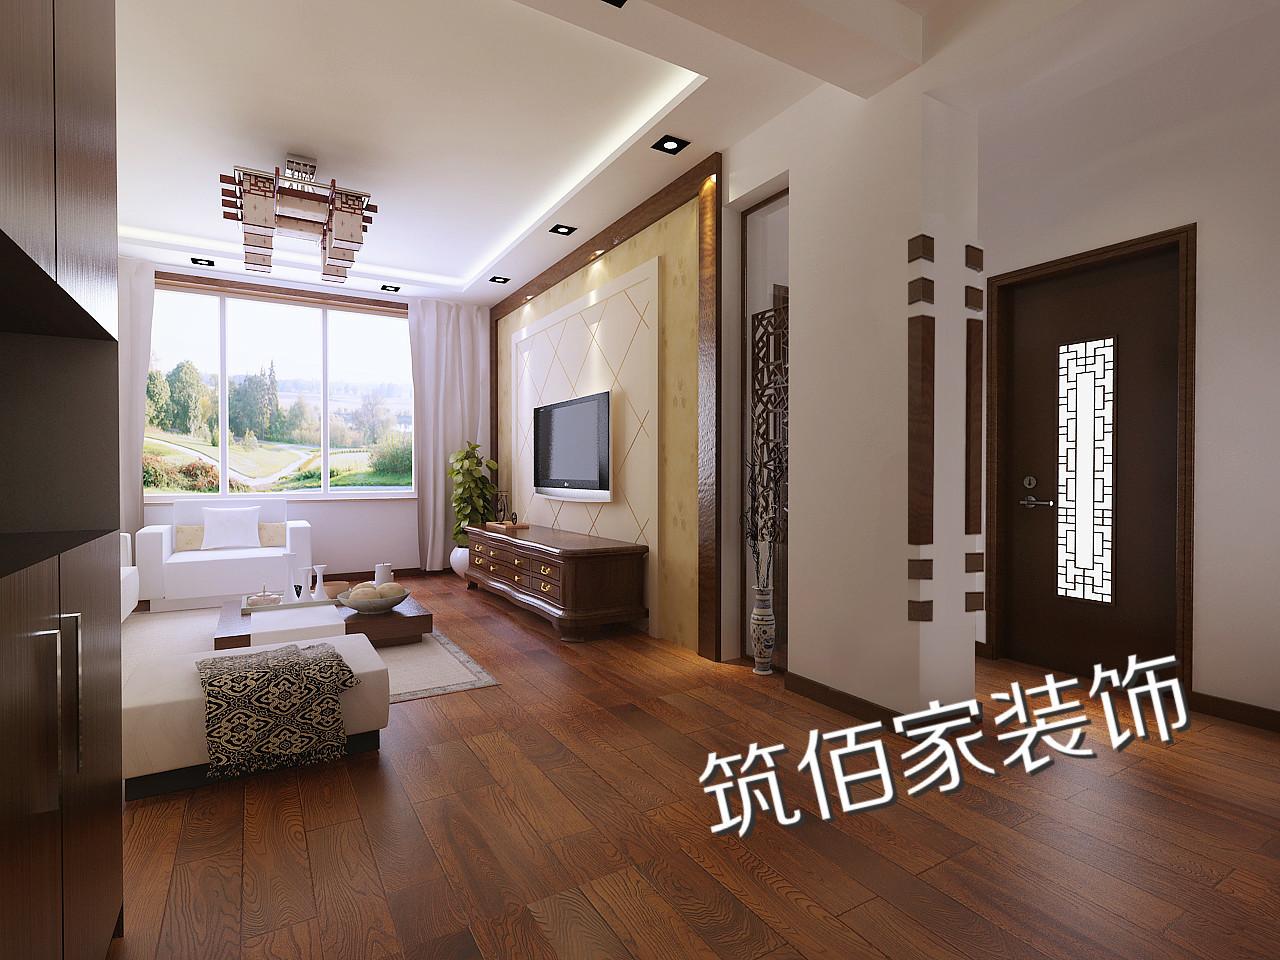 青岛中南世纪城中式风格装修效果图实景图